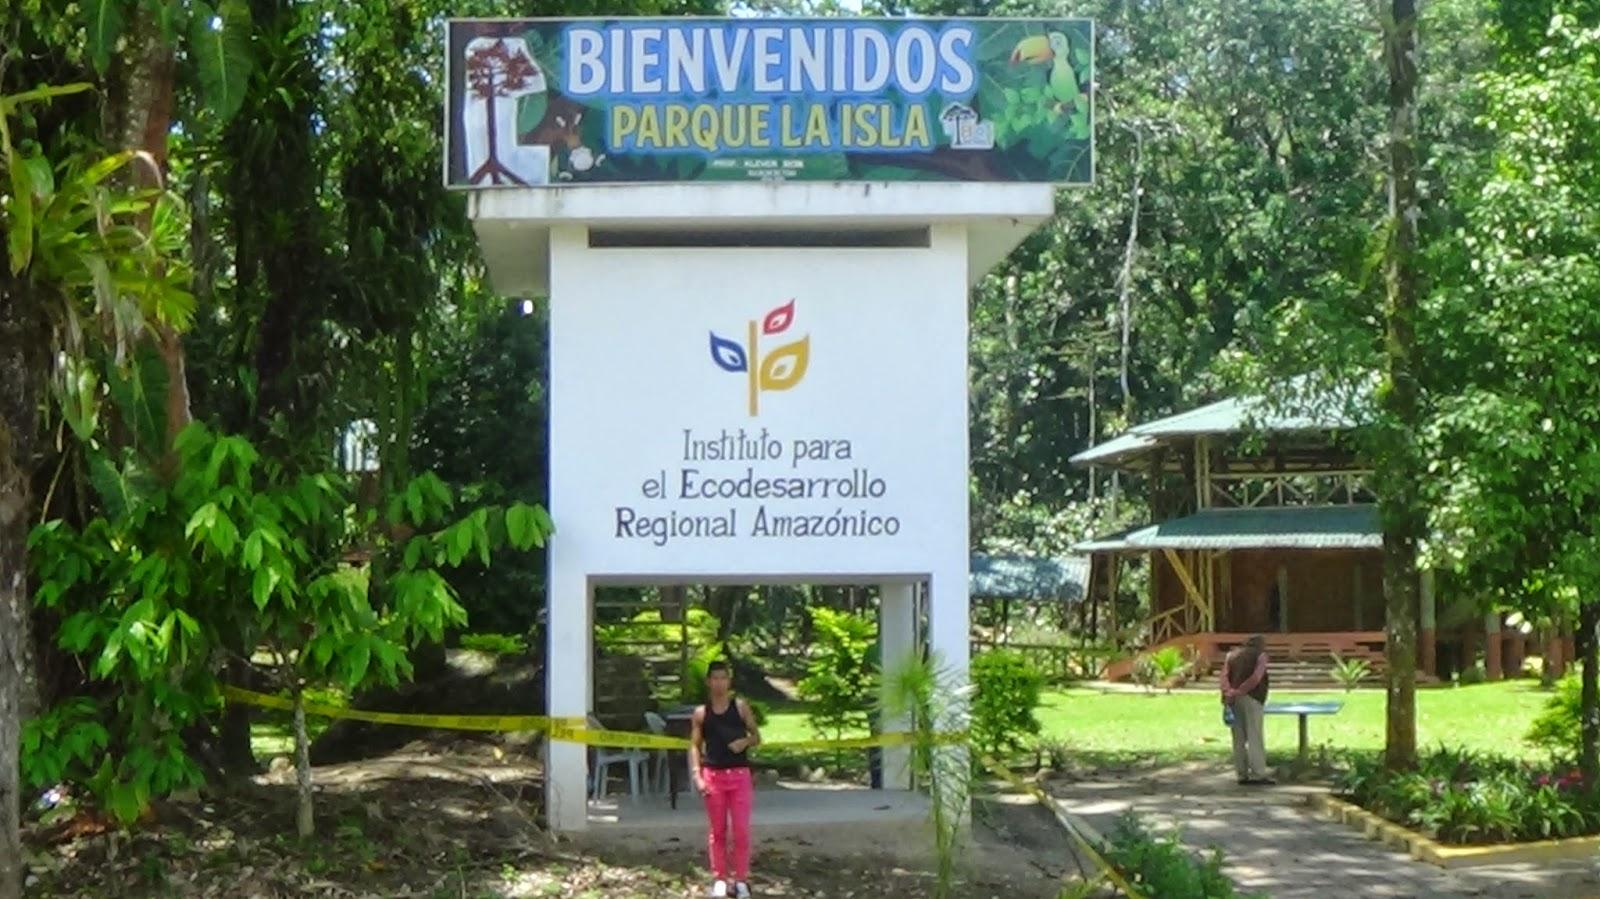 Parque Amazonico la Isla